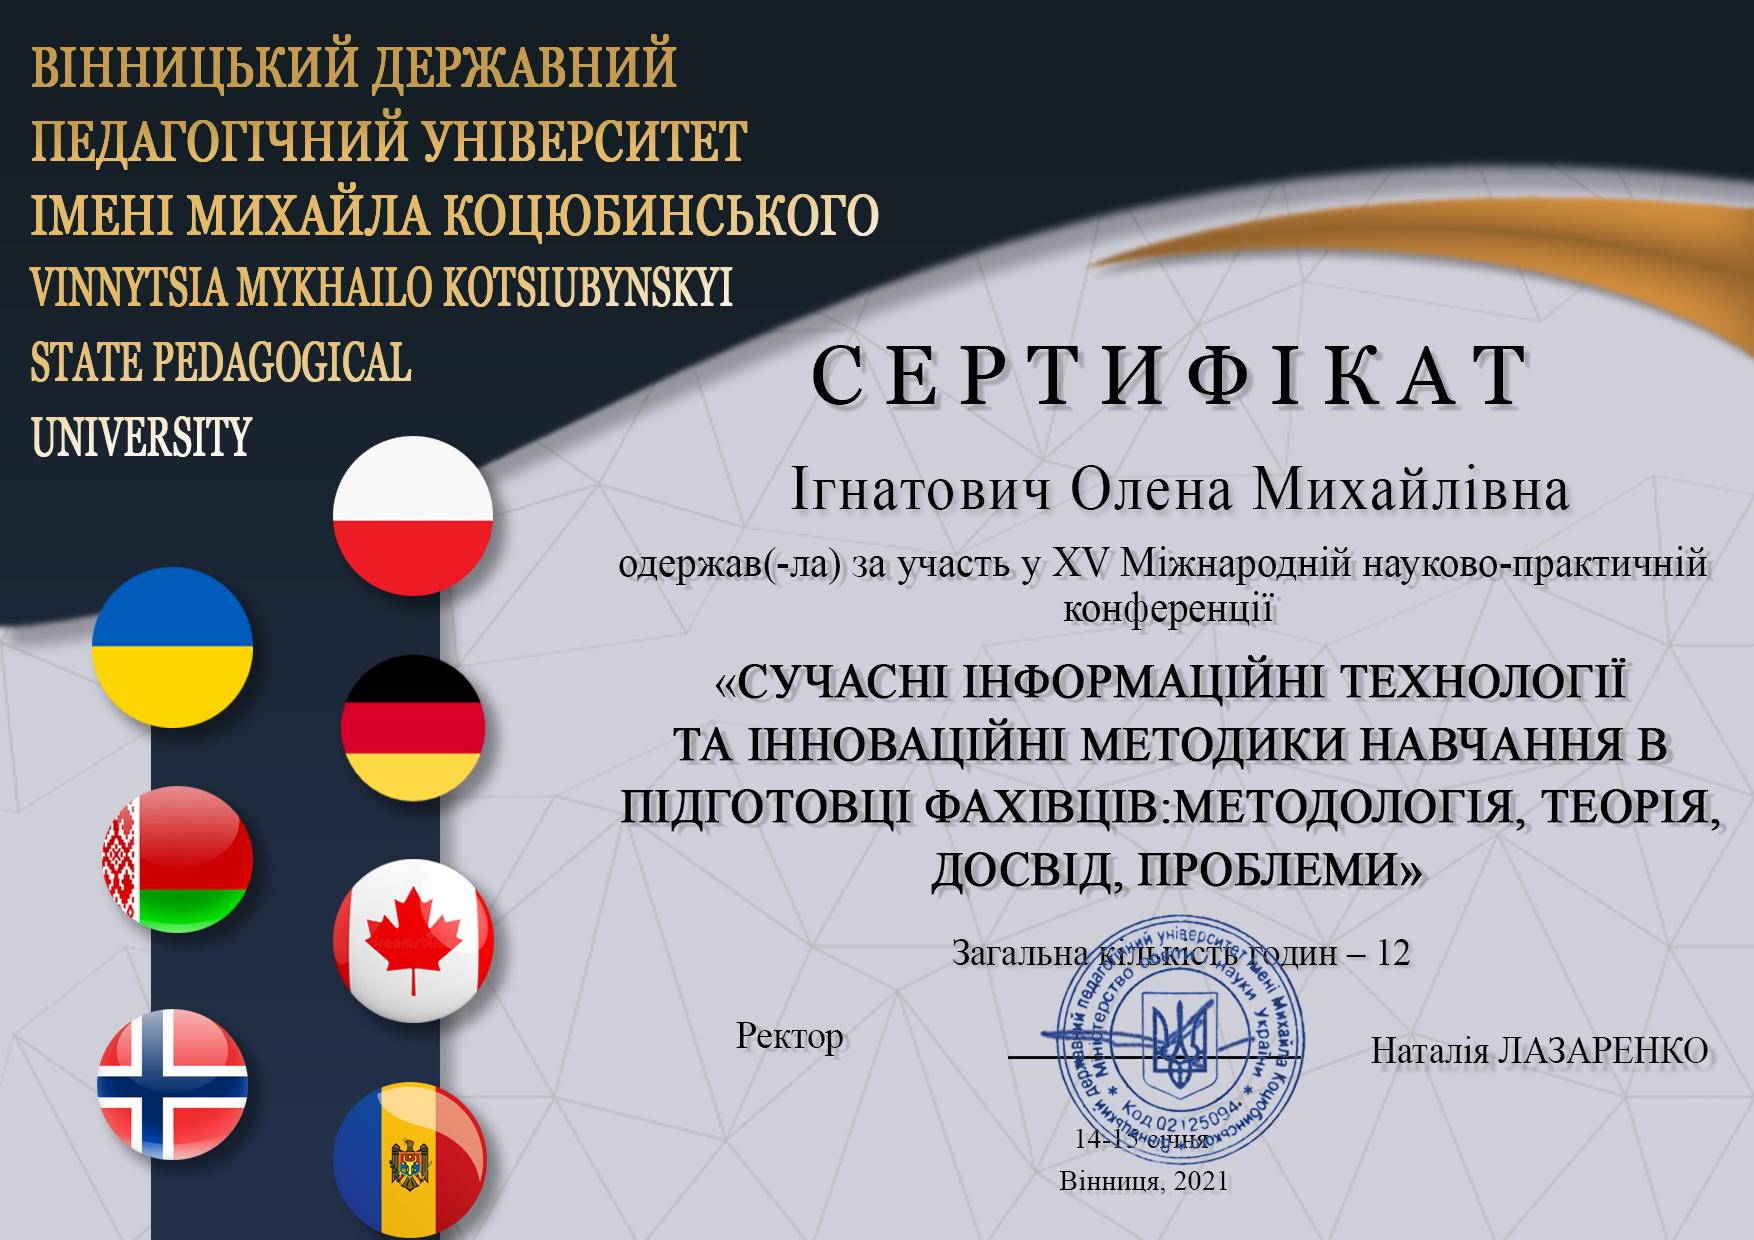 Ігнатович Олена Михайлівна